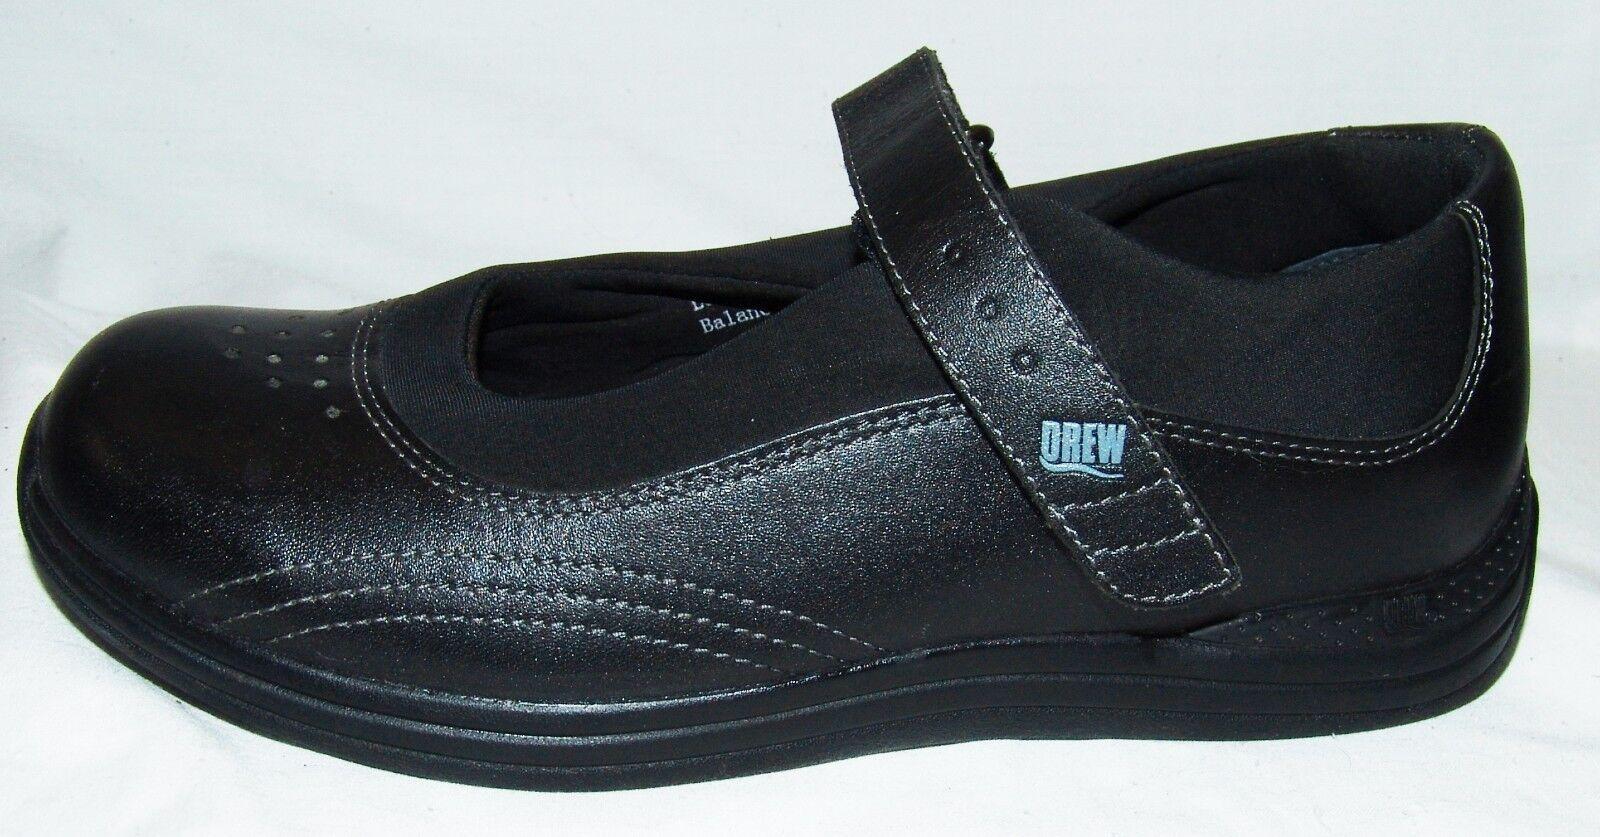 Drew Mary Jane Zapatos Negros de Piel 8M 8M 8M 8M Mujer Ortopédicas Cómodo Active  descuentos y mas